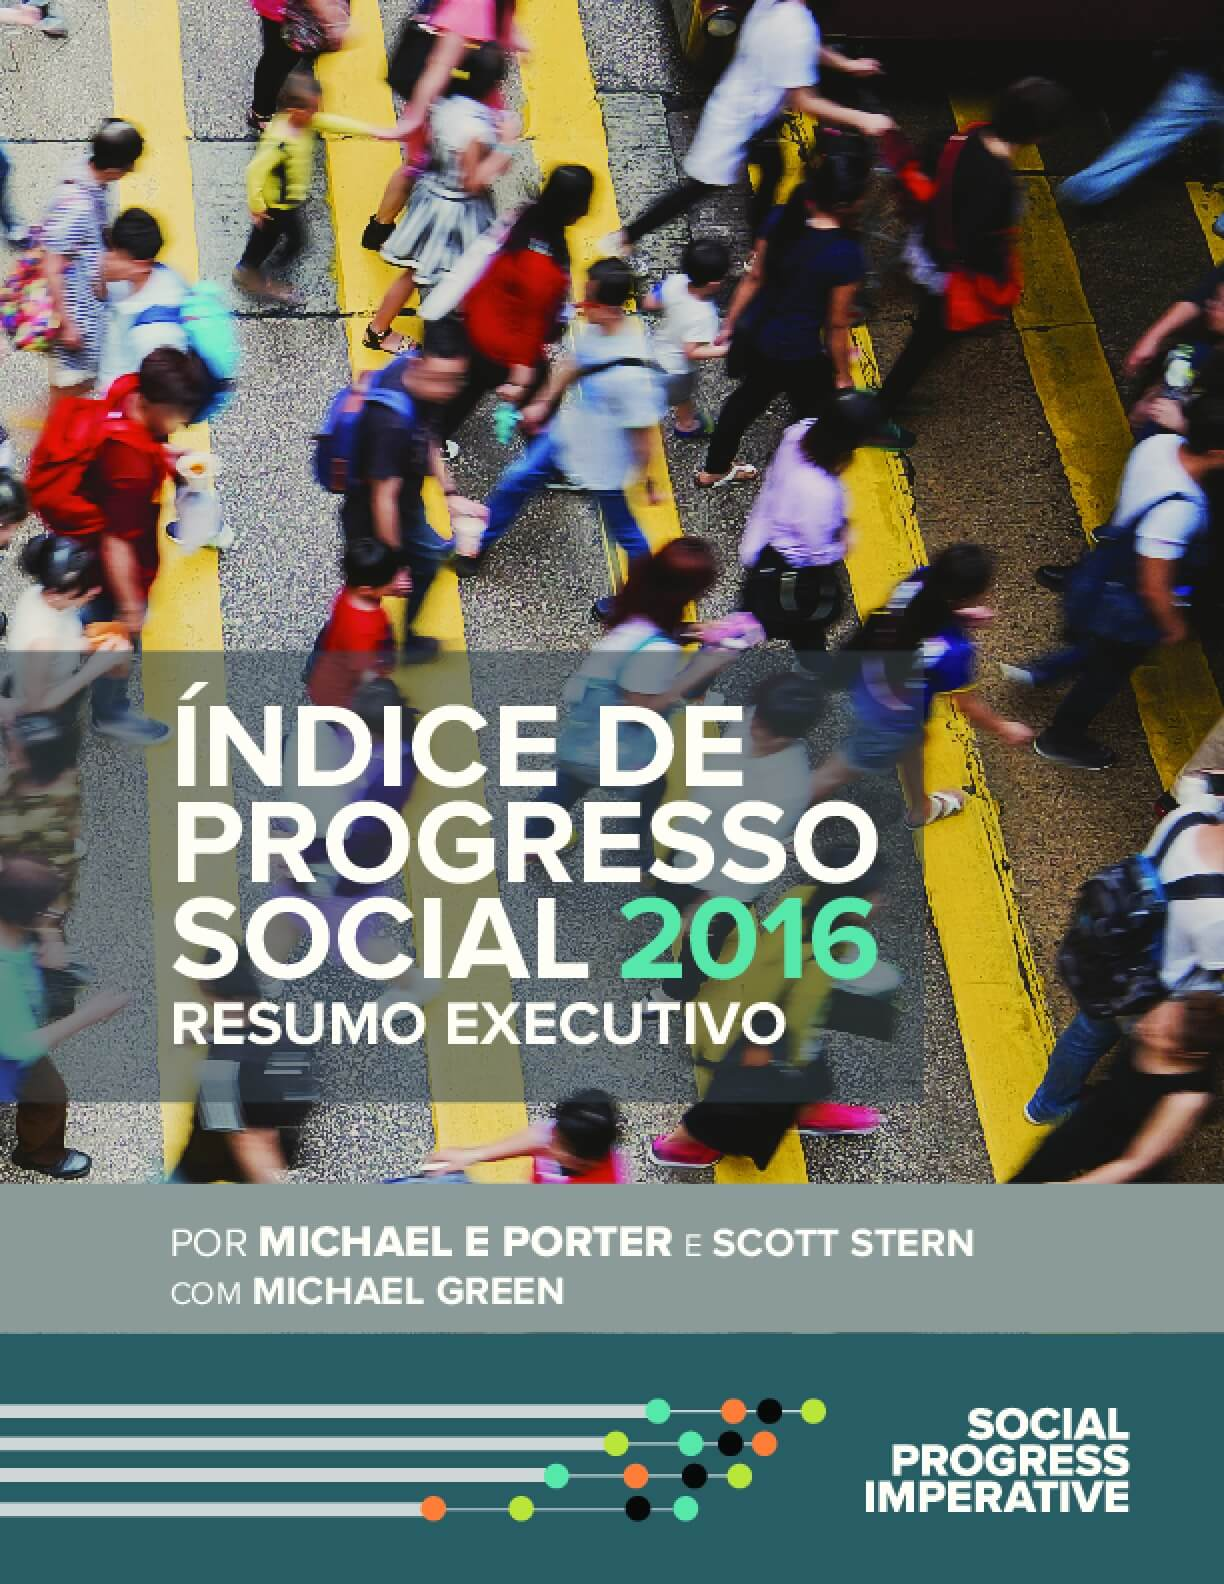 Índice de progresso social 2016: resumo executivo